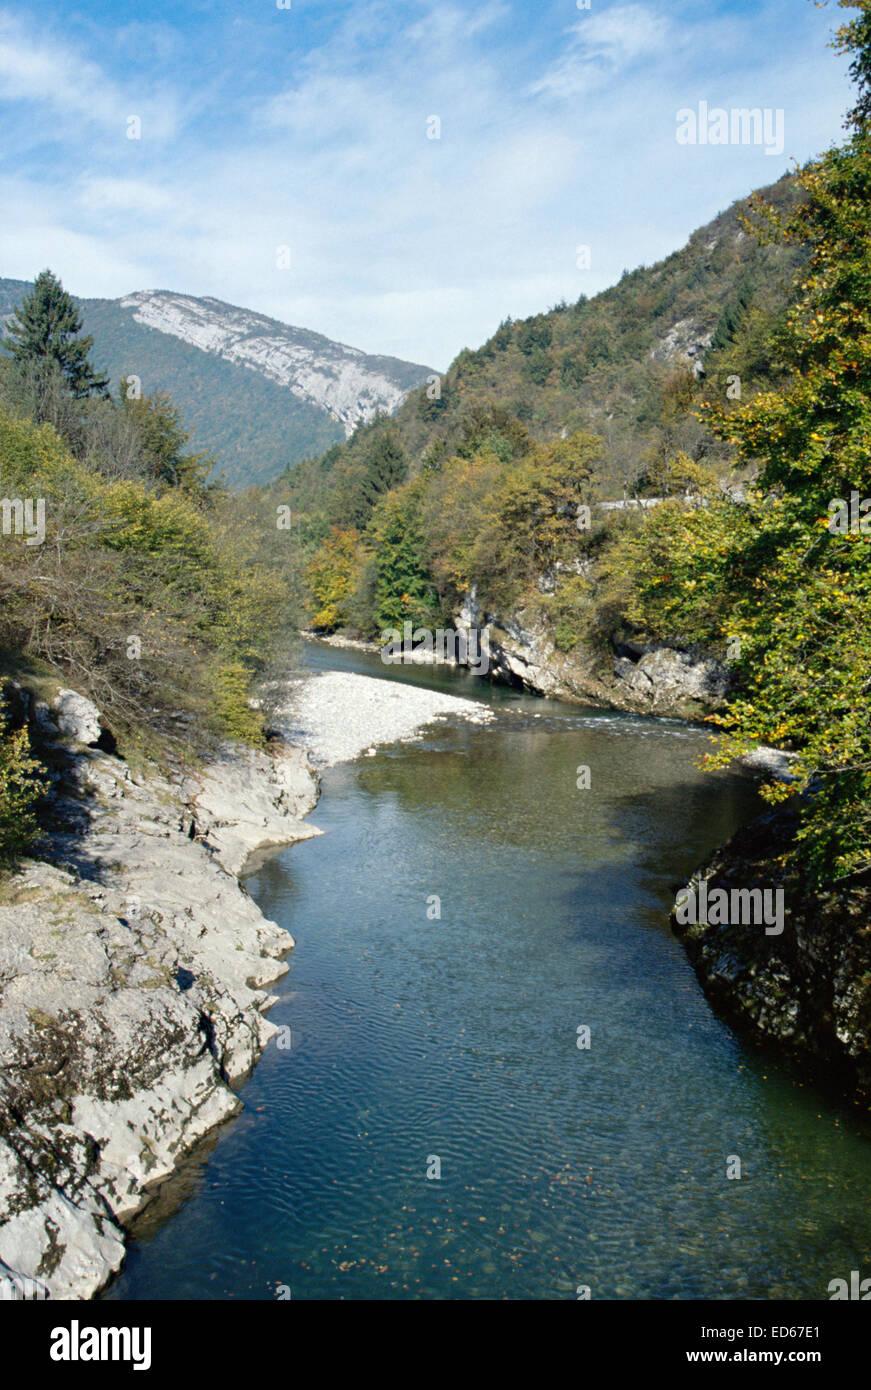 Vue verticale de la rivière du Fier et les montagnes dans la vallée de Thônes, près d'Annecy Photo Stock